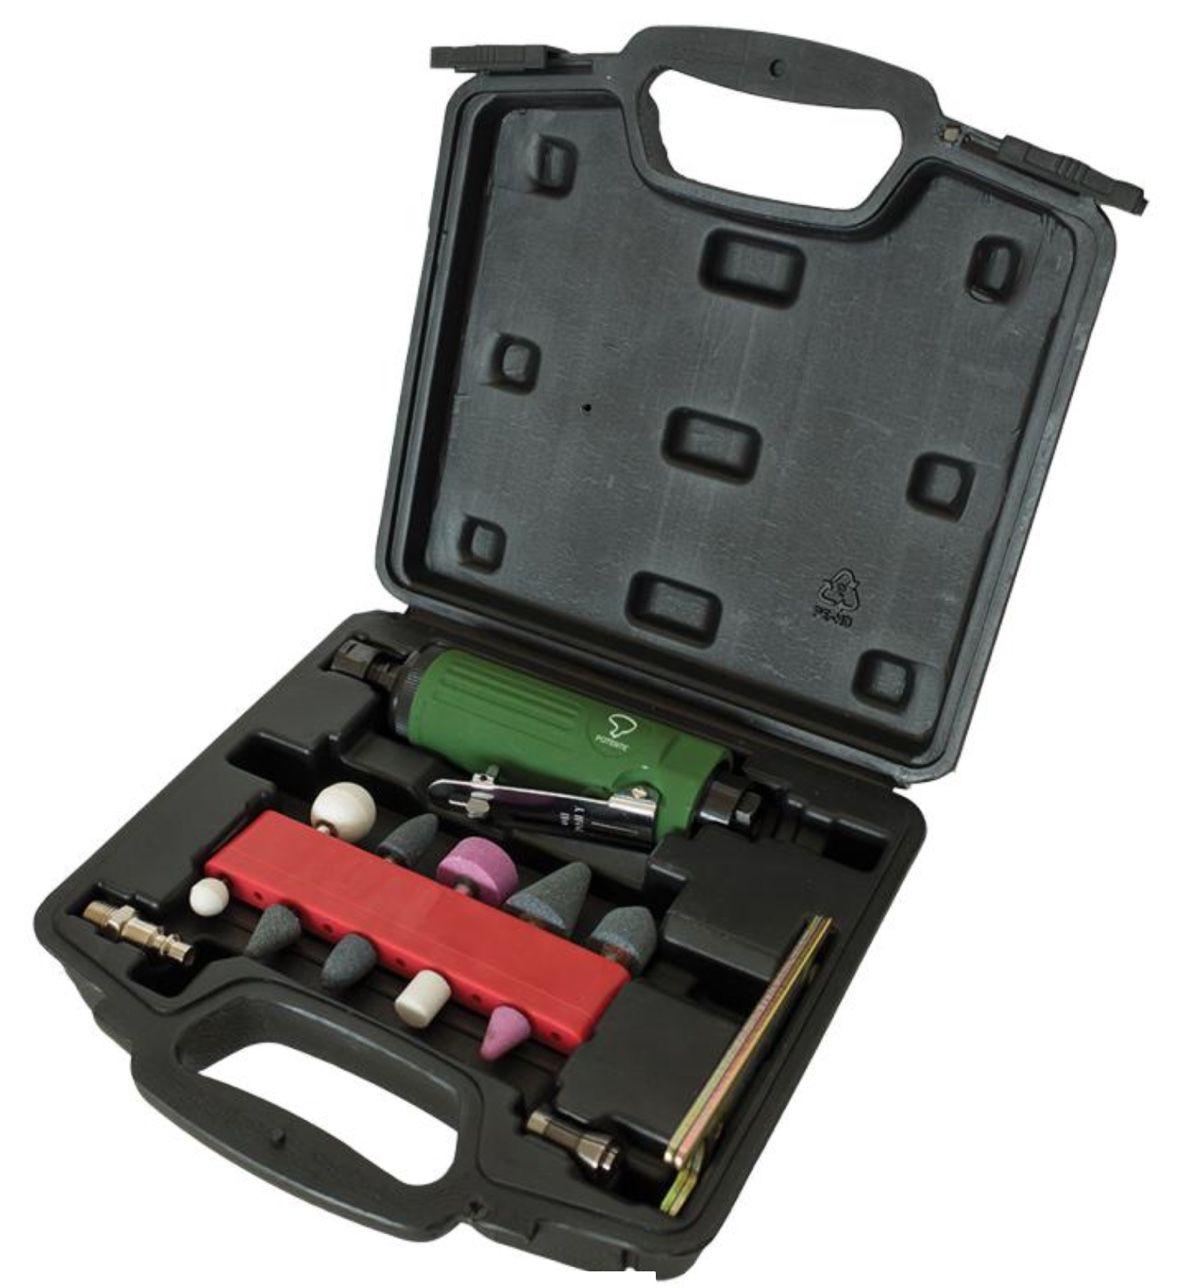 Retifica Pneumática Potente PNW140210 + kit de acessórios